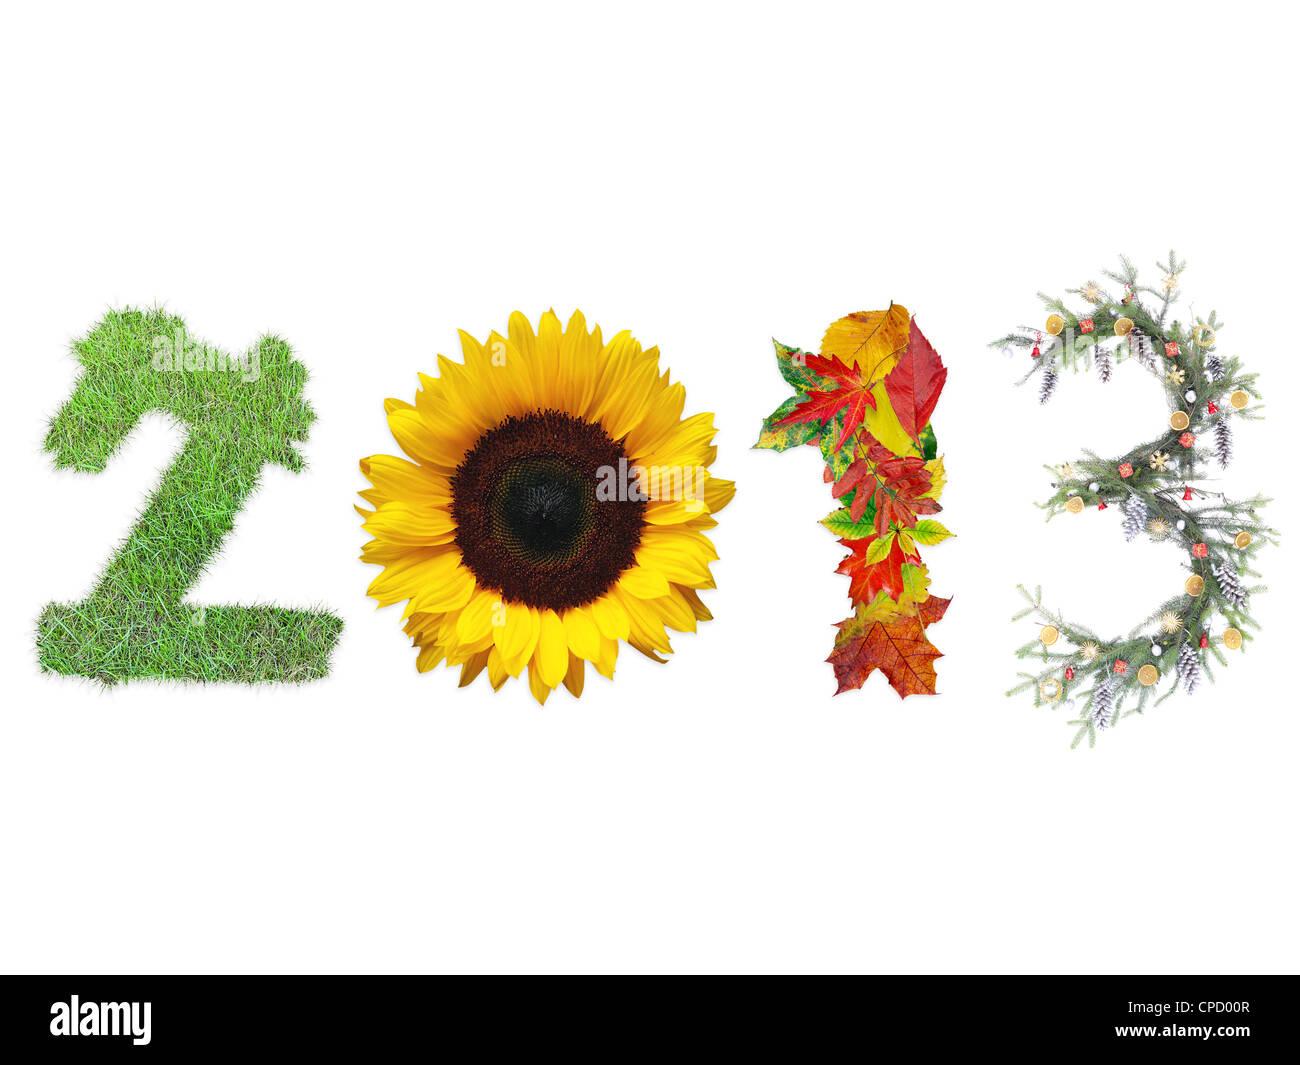 Chiffres 2013 faites de l'herbe fraîche, tournesol, feuilles mortes de l'automne et couronne de Noël Photo Stock